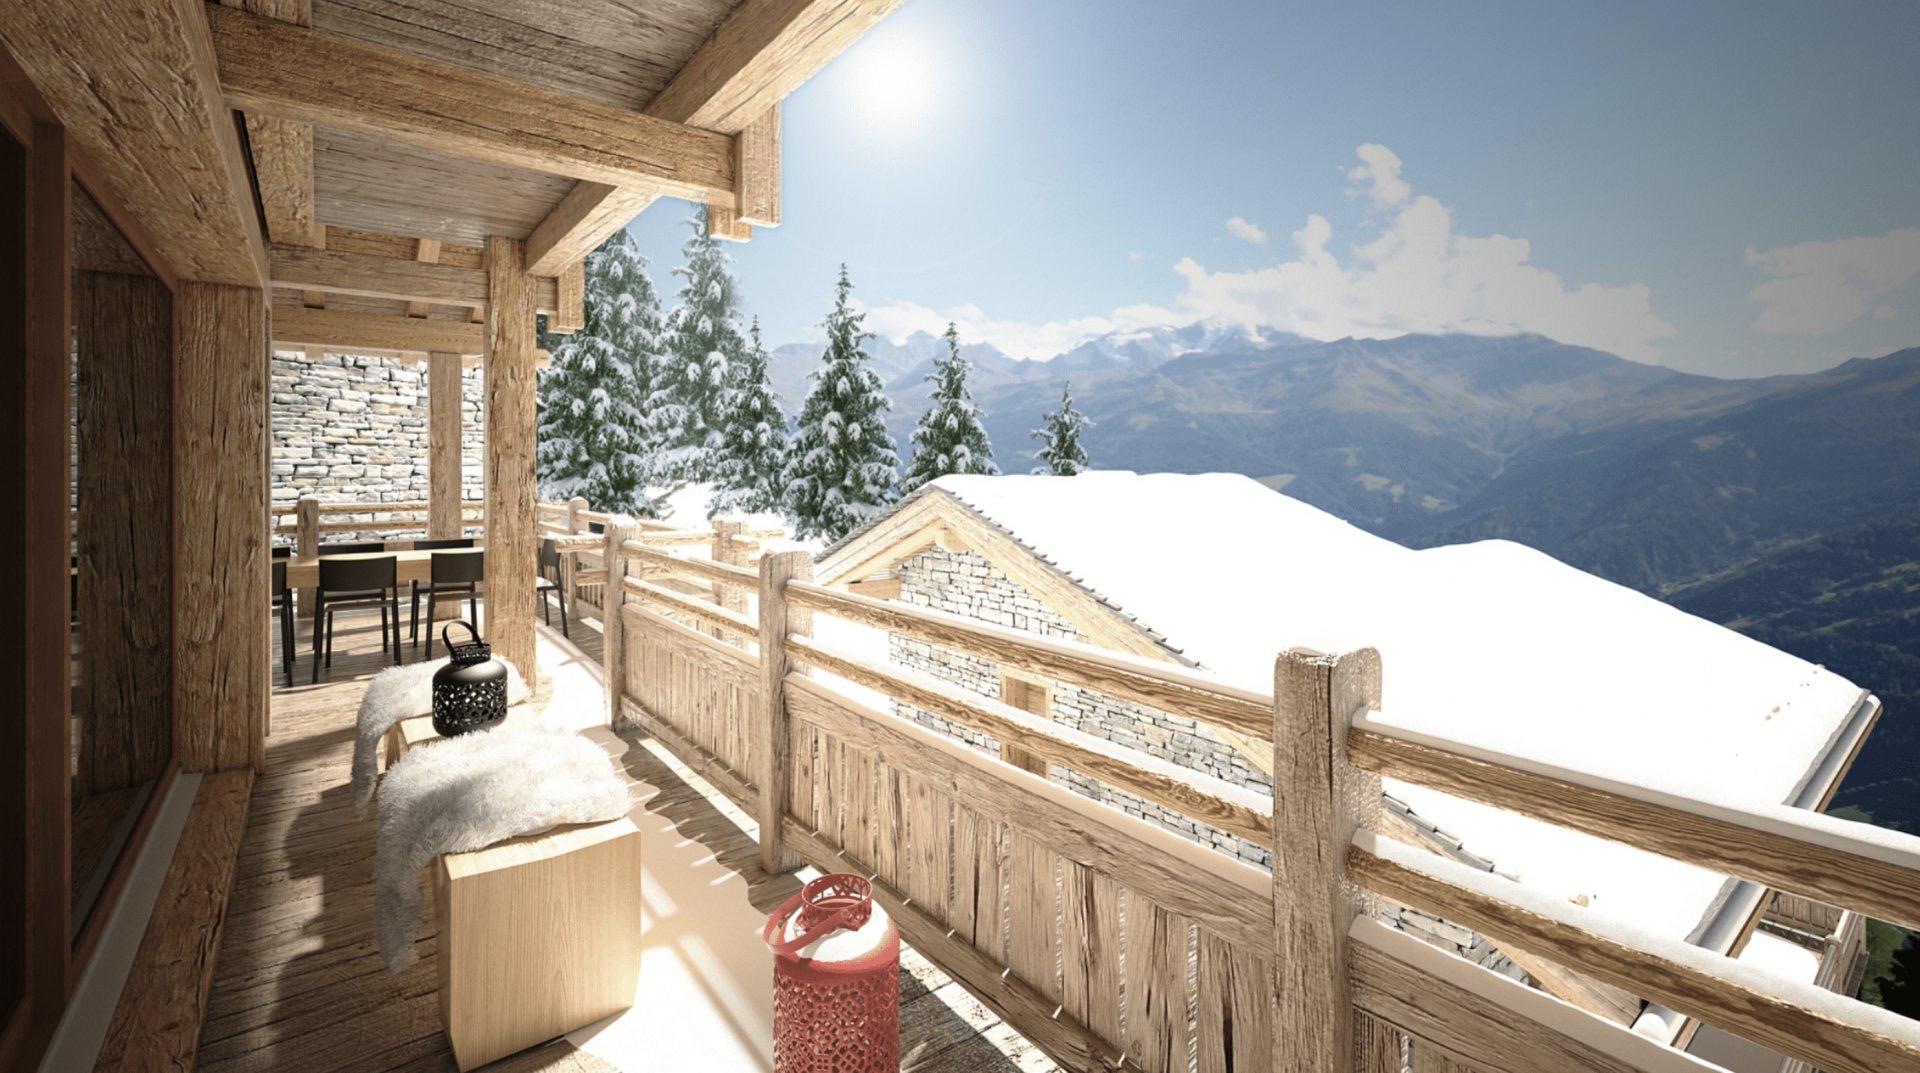 Шале в Швейцарии в регионе Шевийар д'Эн Бас, Вербье́, Альпы